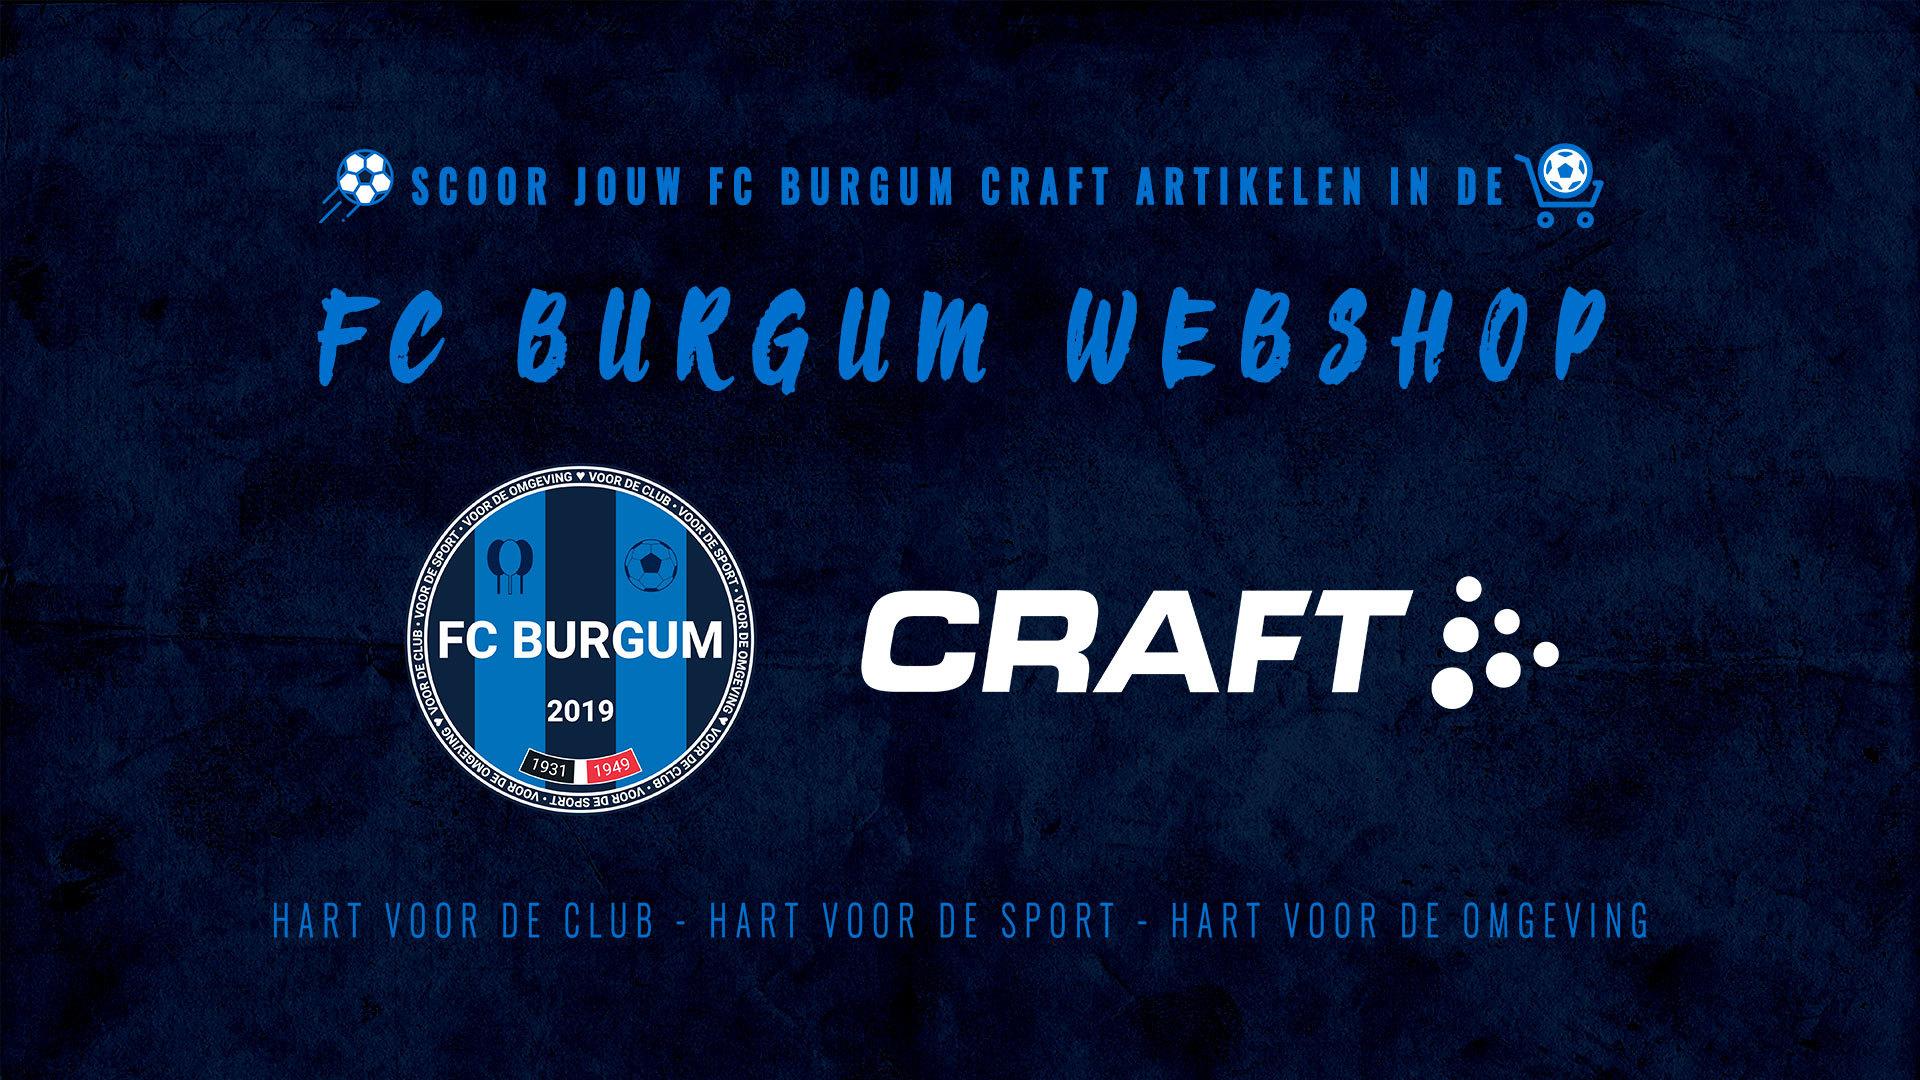 webshop fc burgum